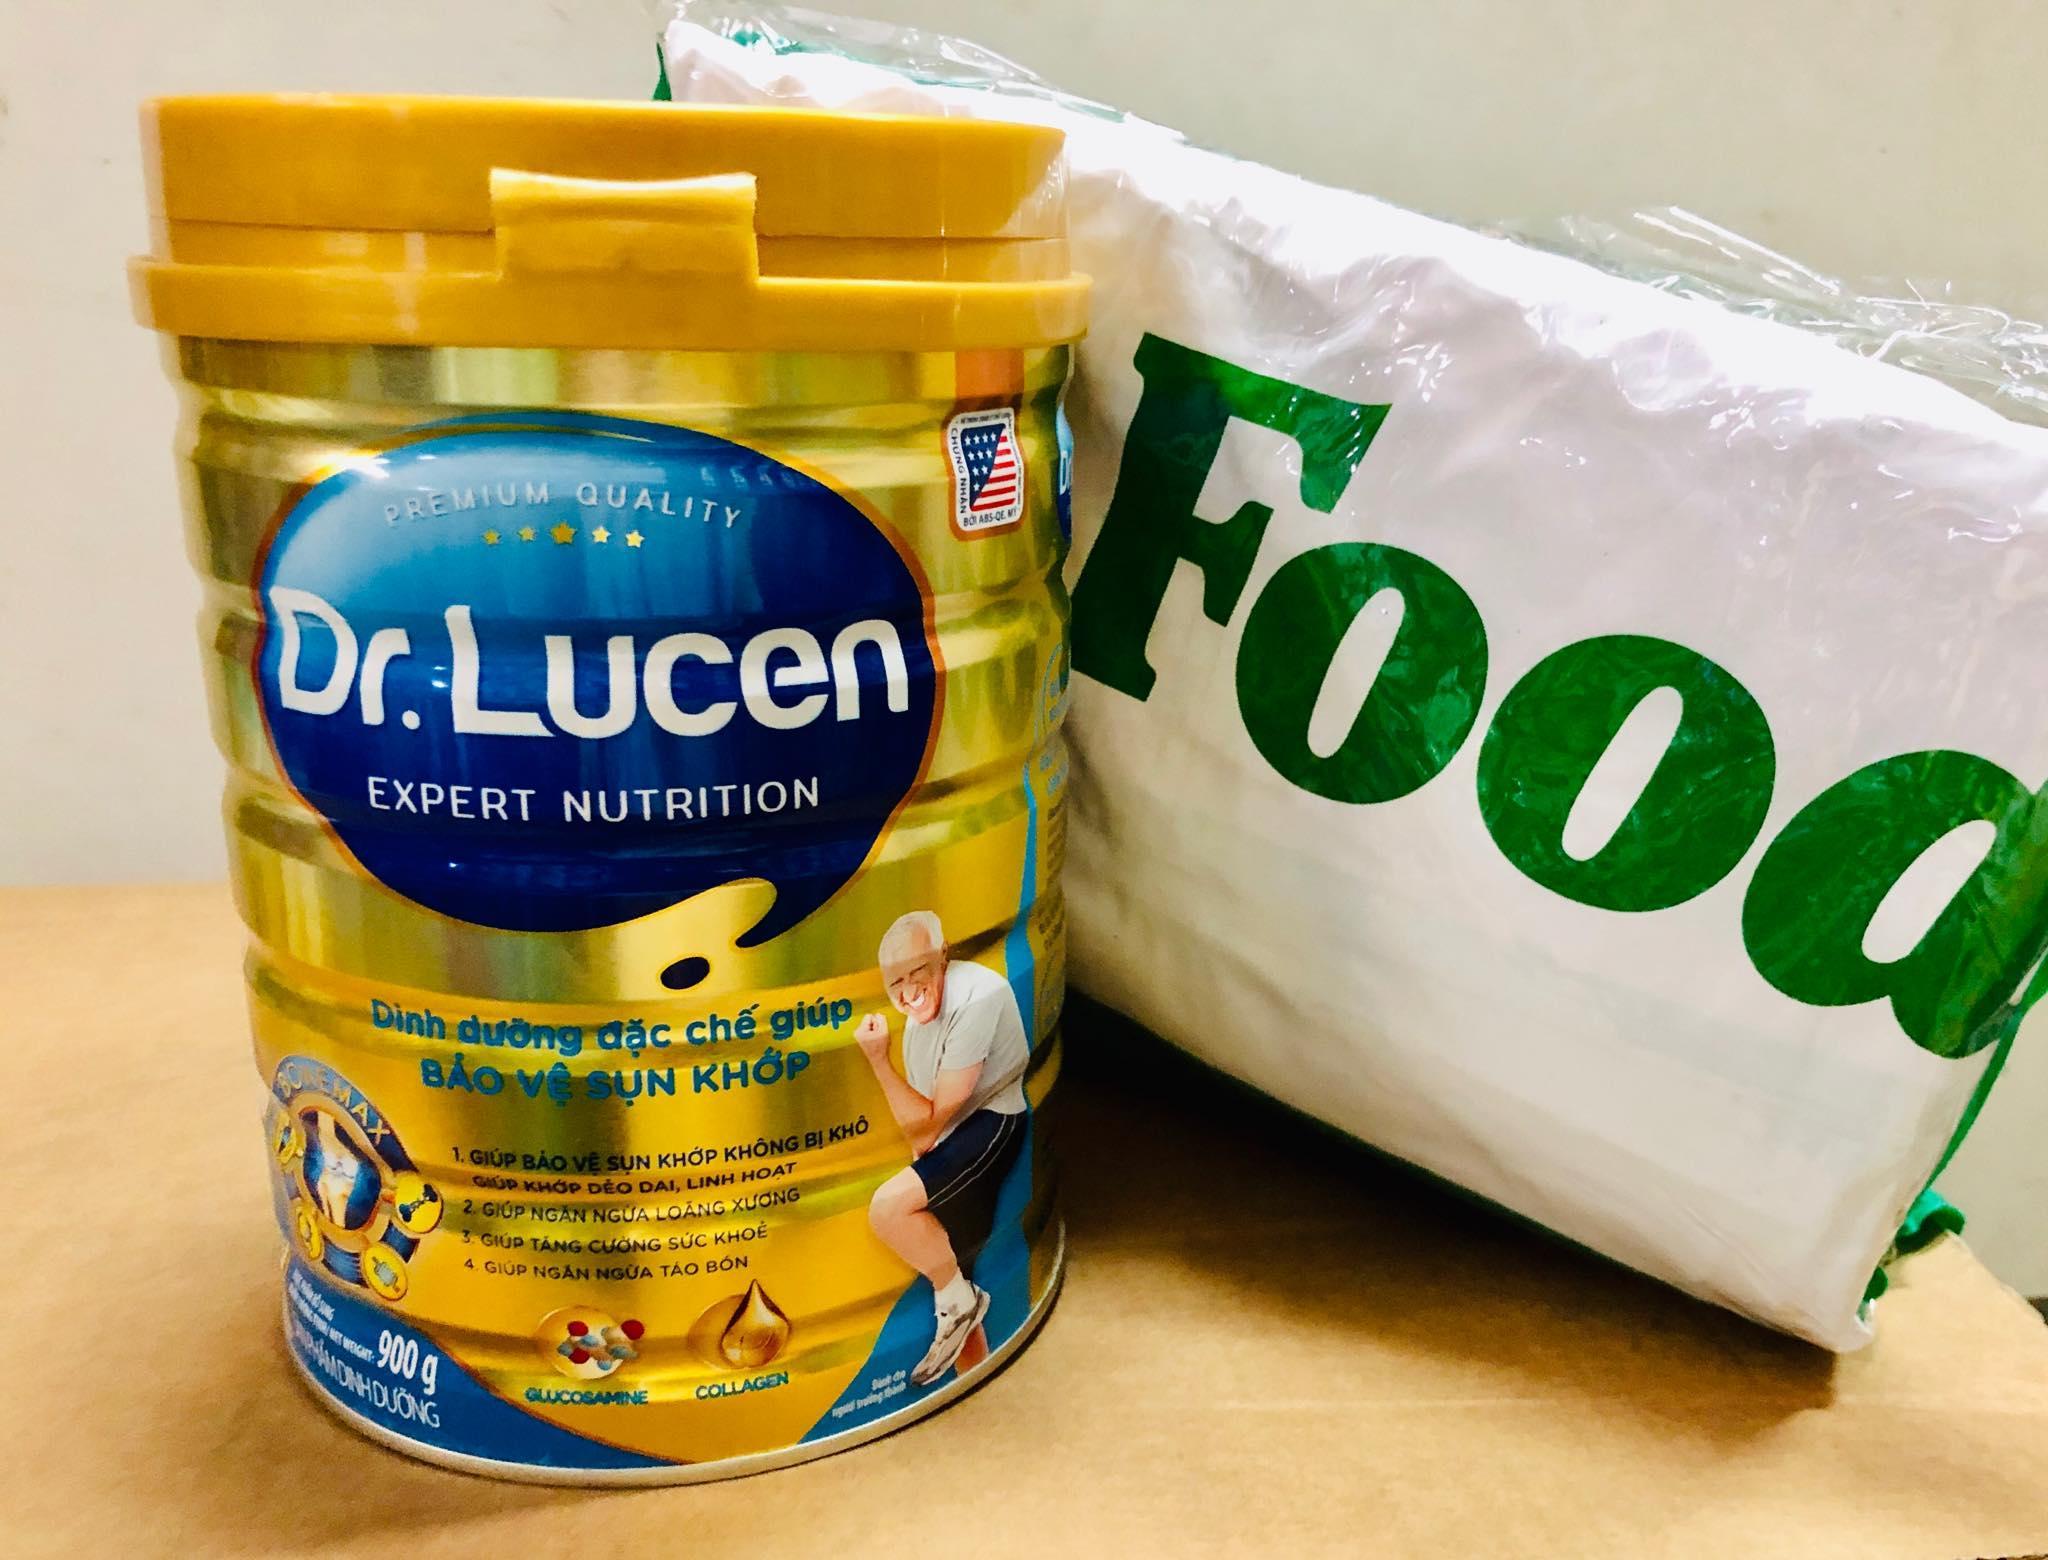 Sữa Bột Nutifood Dr.Lucen BoneMax Hộp 900g (Dinh dưỡng đặc biệt giúp BẢO VỆ SỤN KHỚP)